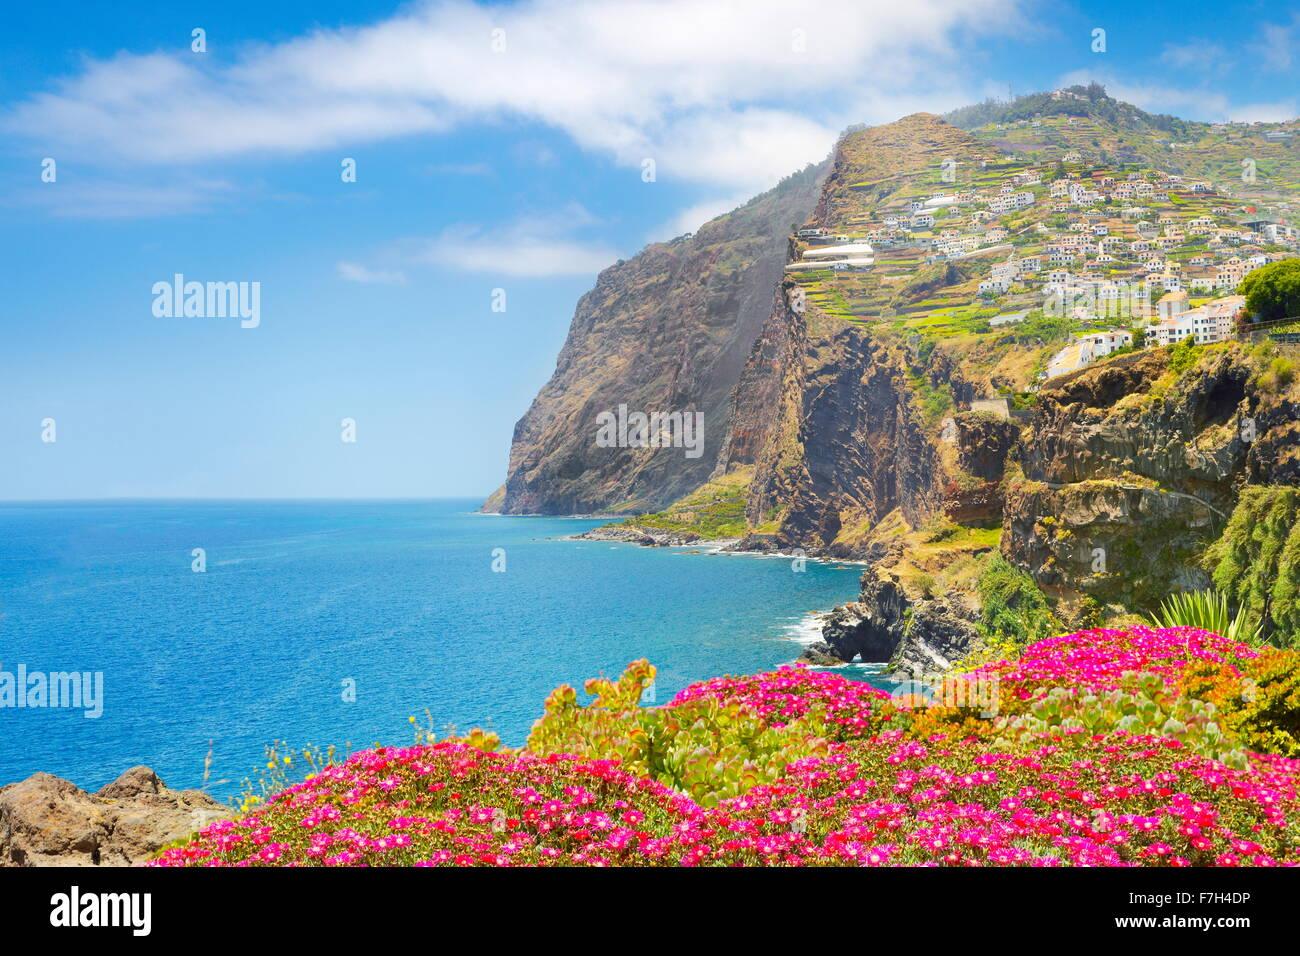 Landscape with Cabo Girao (580 m highest) cliff - Camara de Lobos, Madeira Island, Portugal - Stock Image